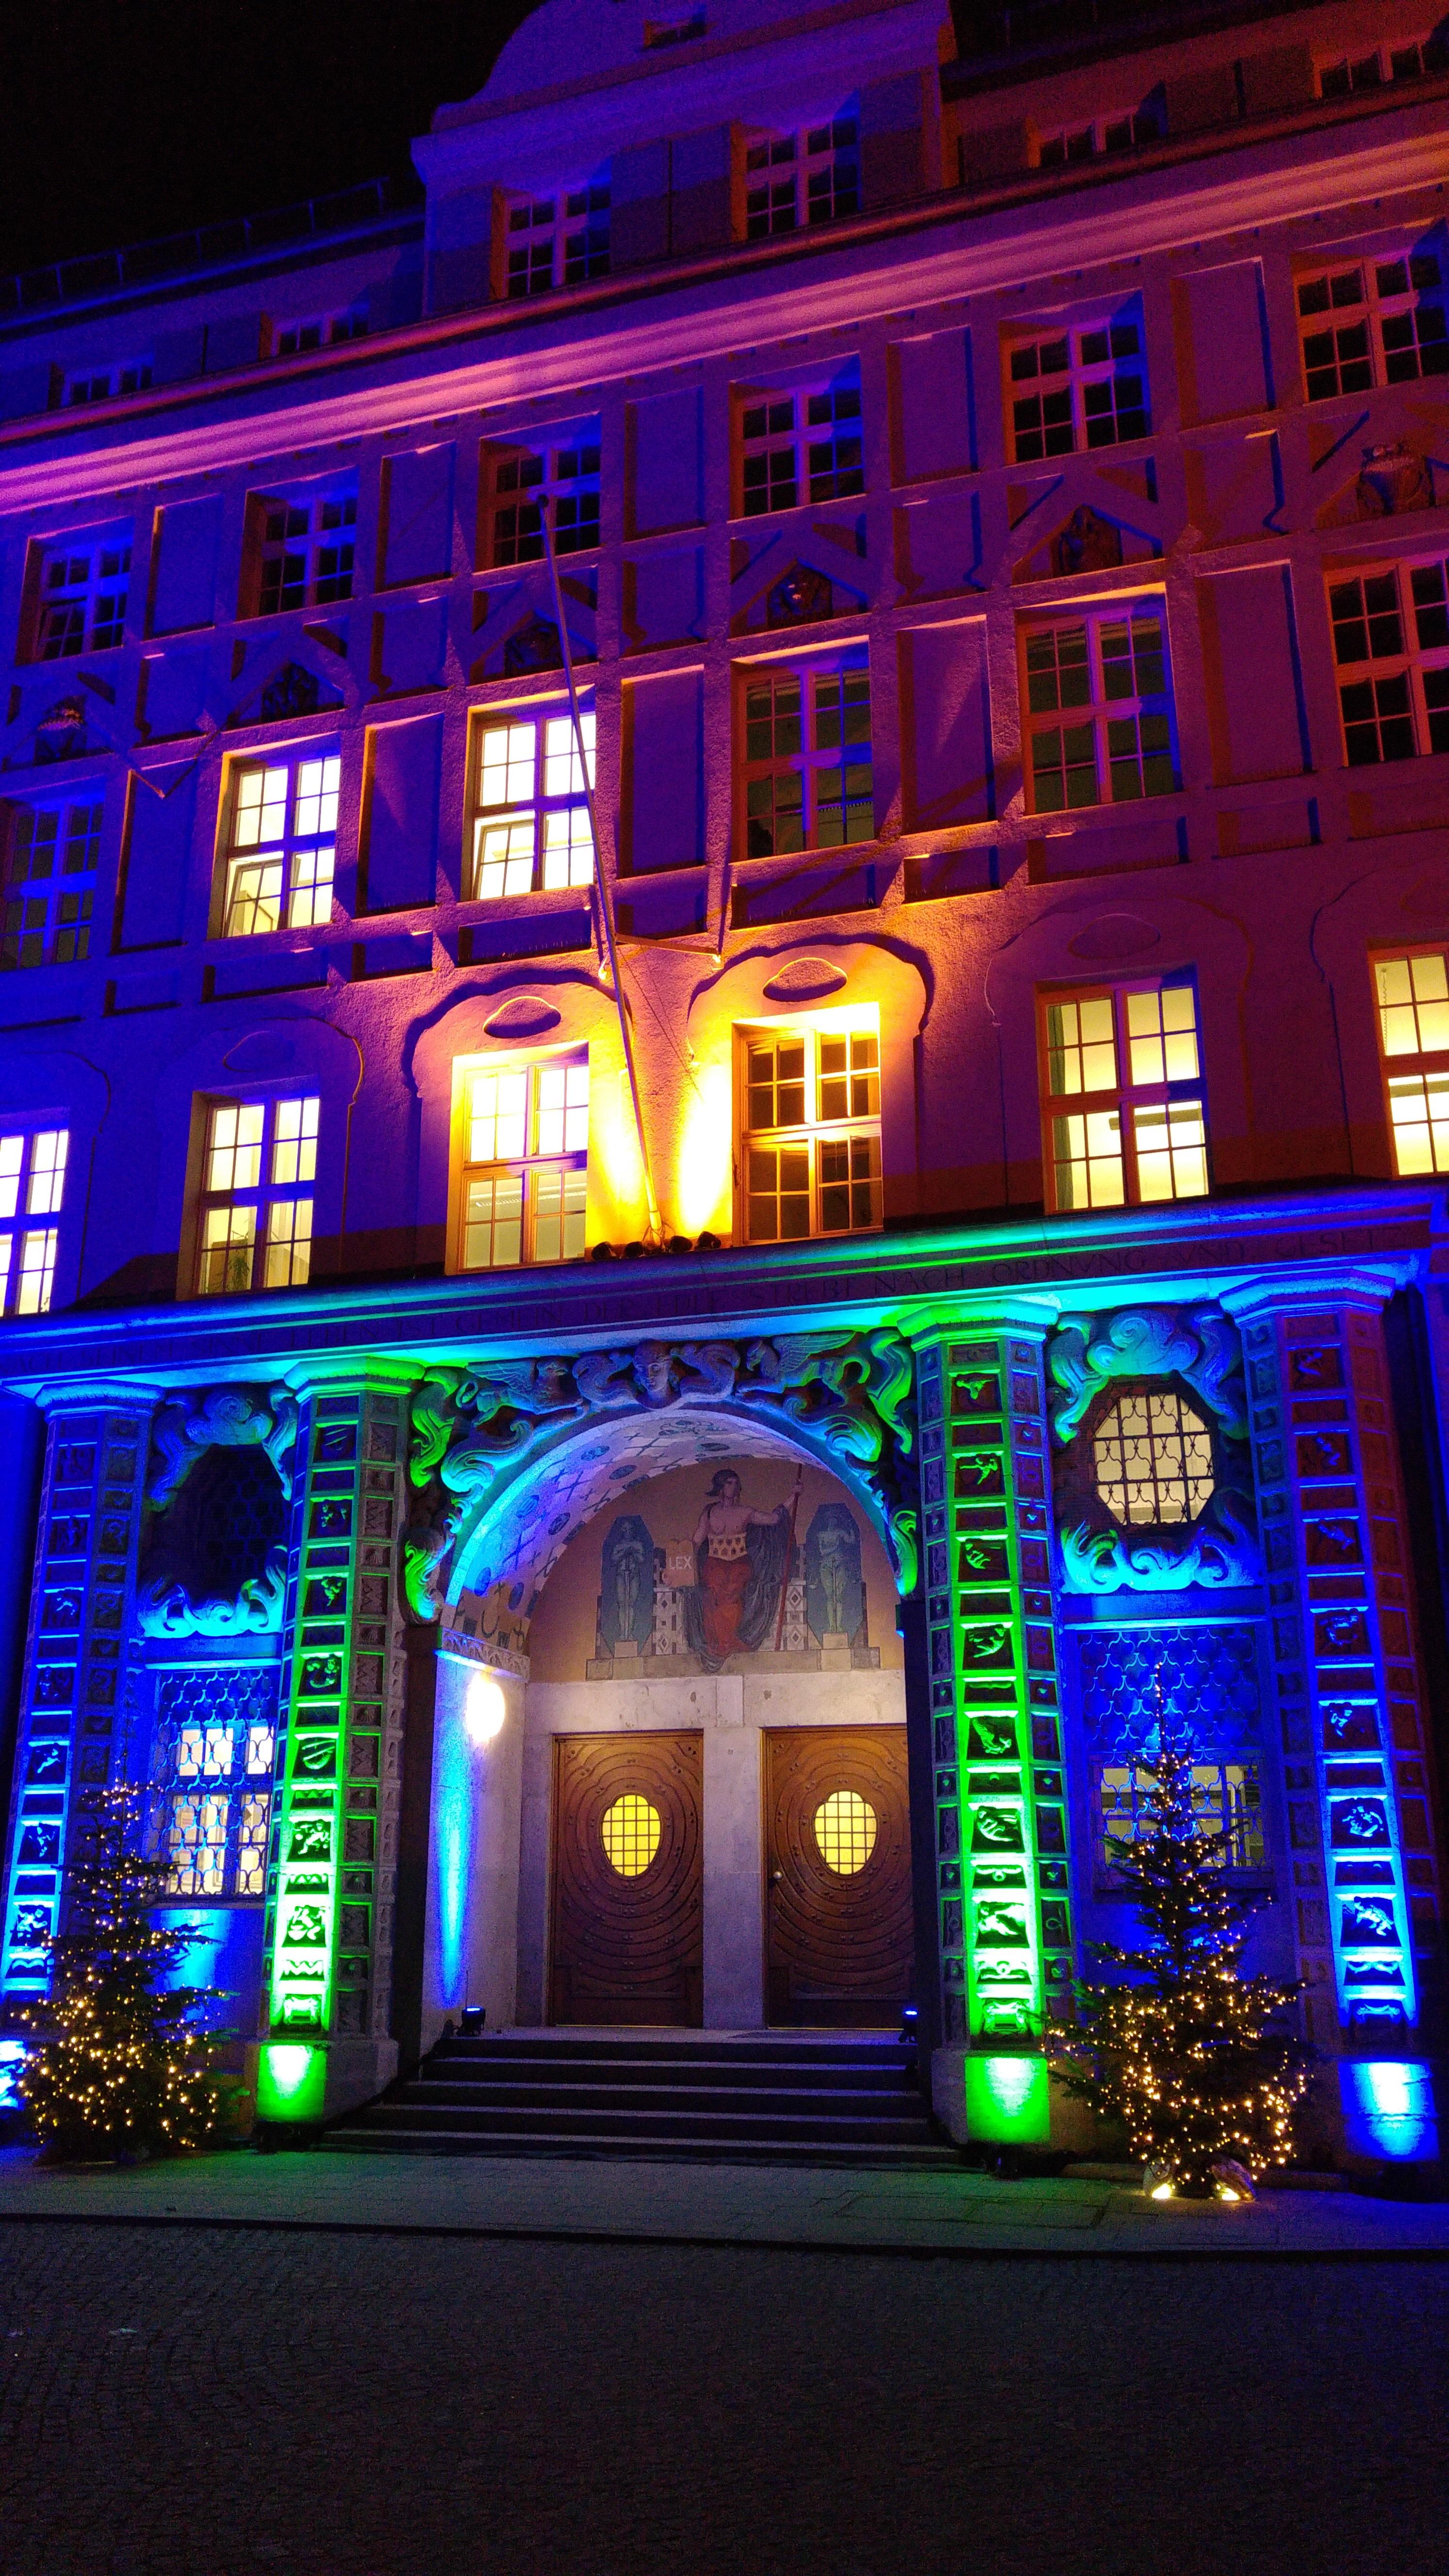 Beleuchtung München kostenlose foto licht nacht fenster beleuchtung neonschild